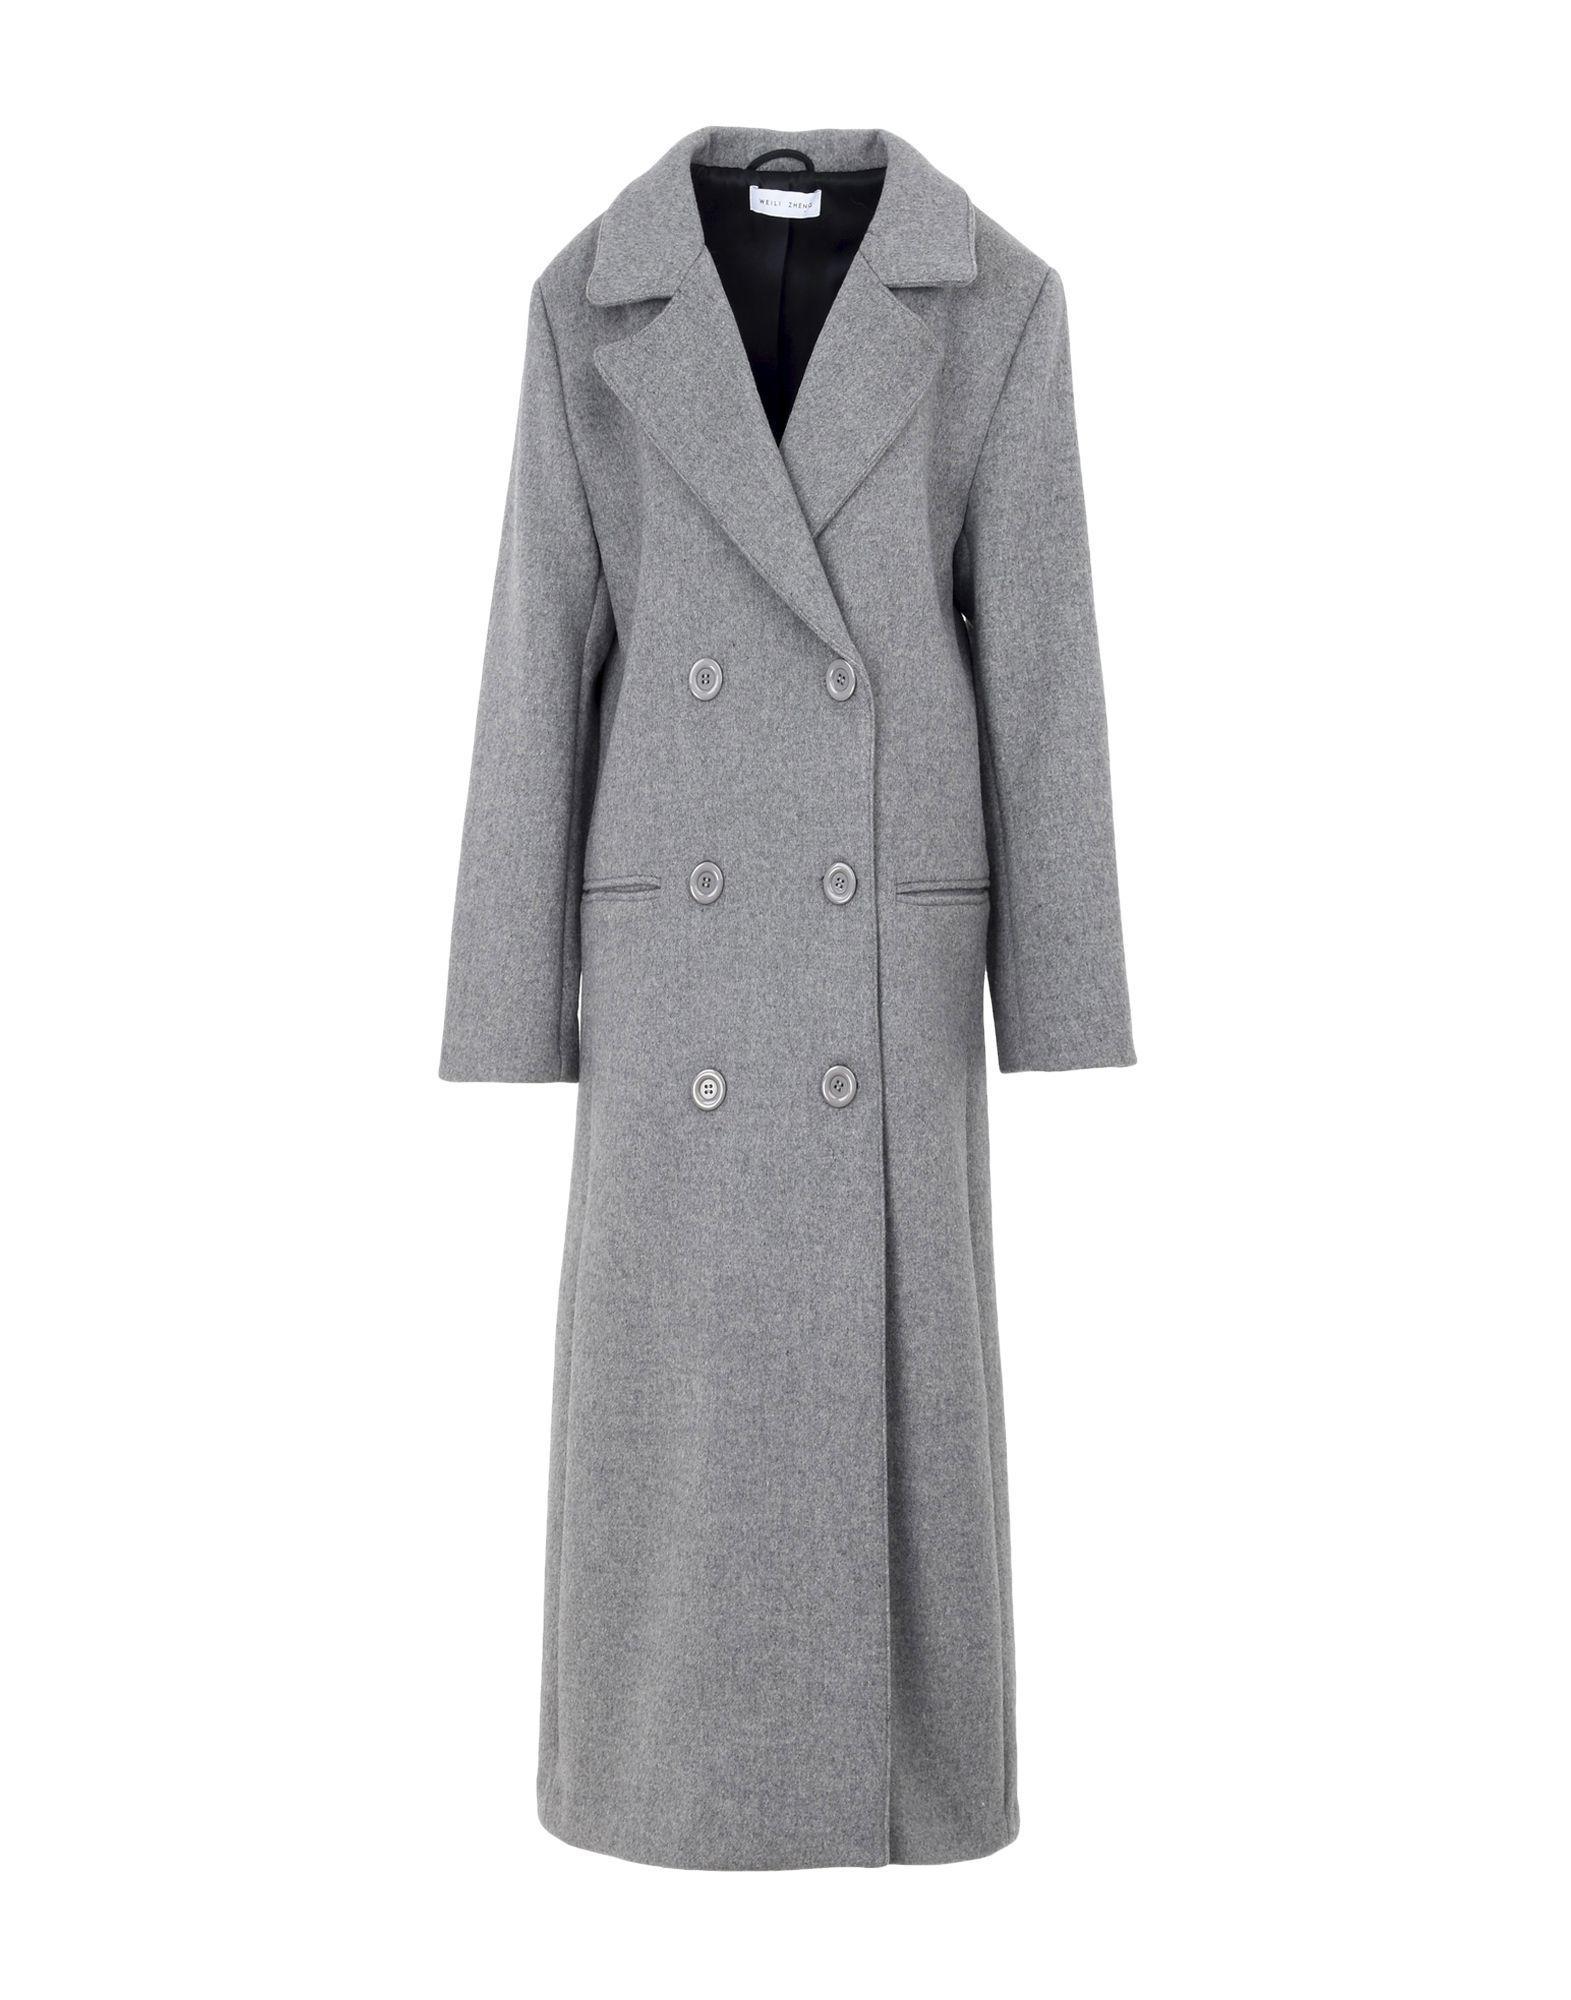 Weili Zheng Coats In Grey